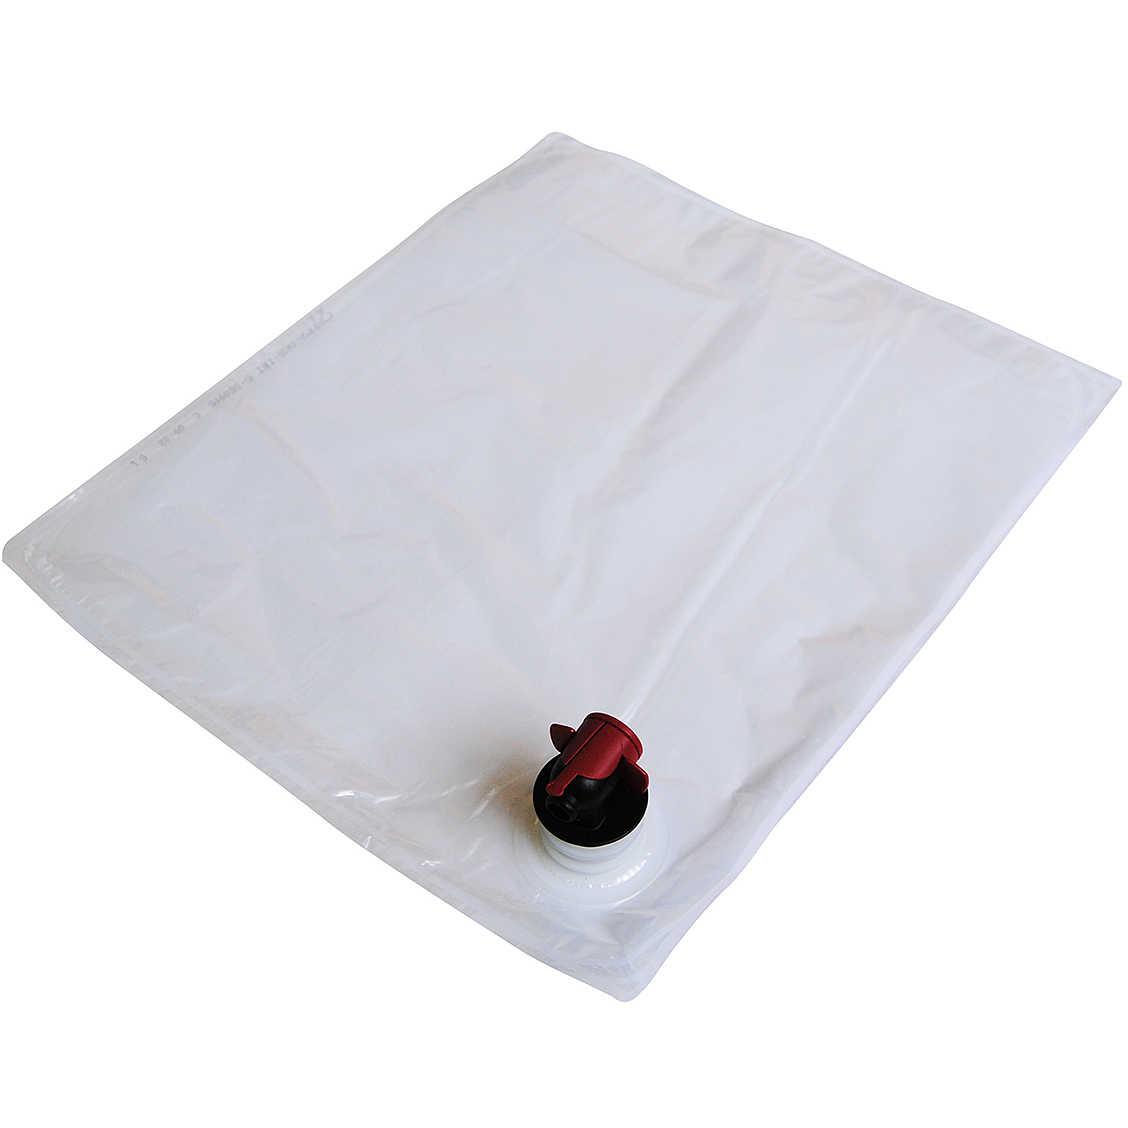 10 liter beutel f r bag in box wein polsinelli enologia. Black Bedroom Furniture Sets. Home Design Ideas